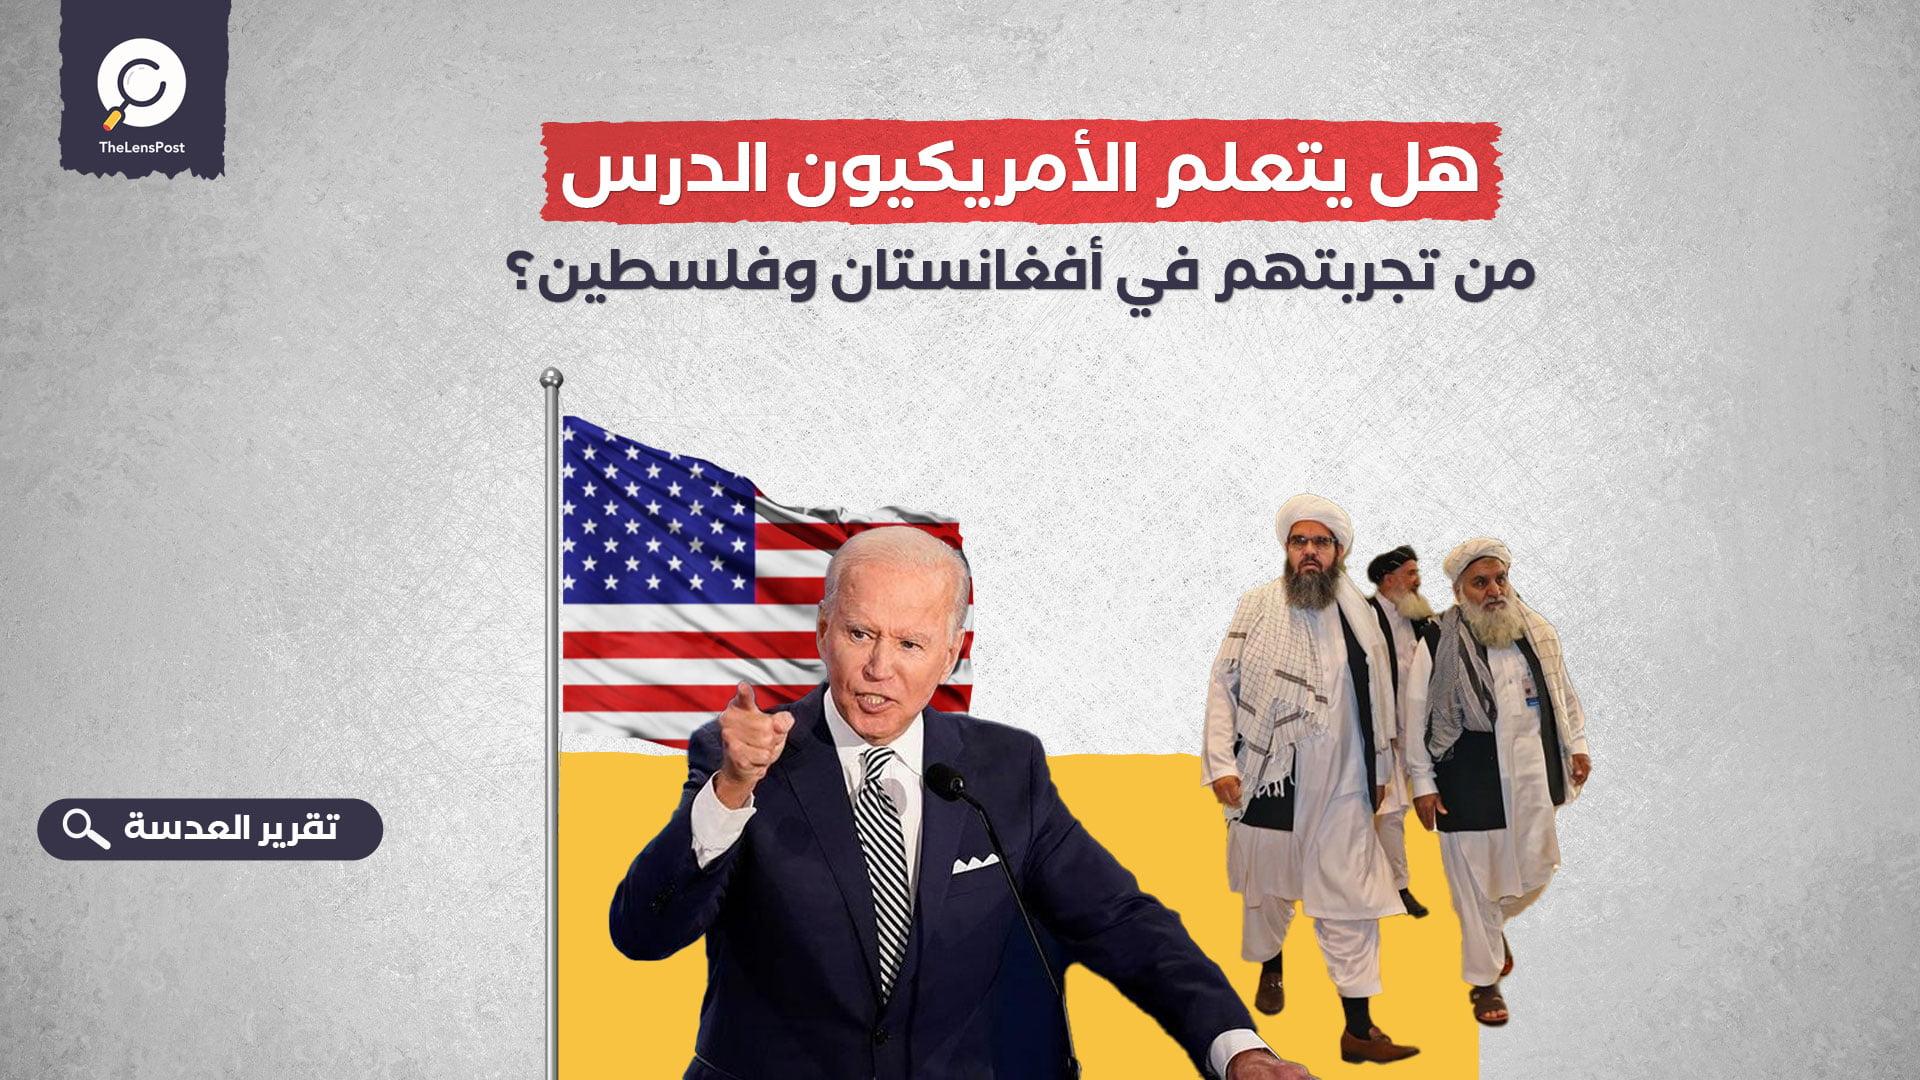 هل يتعلم الأمريكيون الدرس من تجربتهم في أفغانستان وفلسطين؟